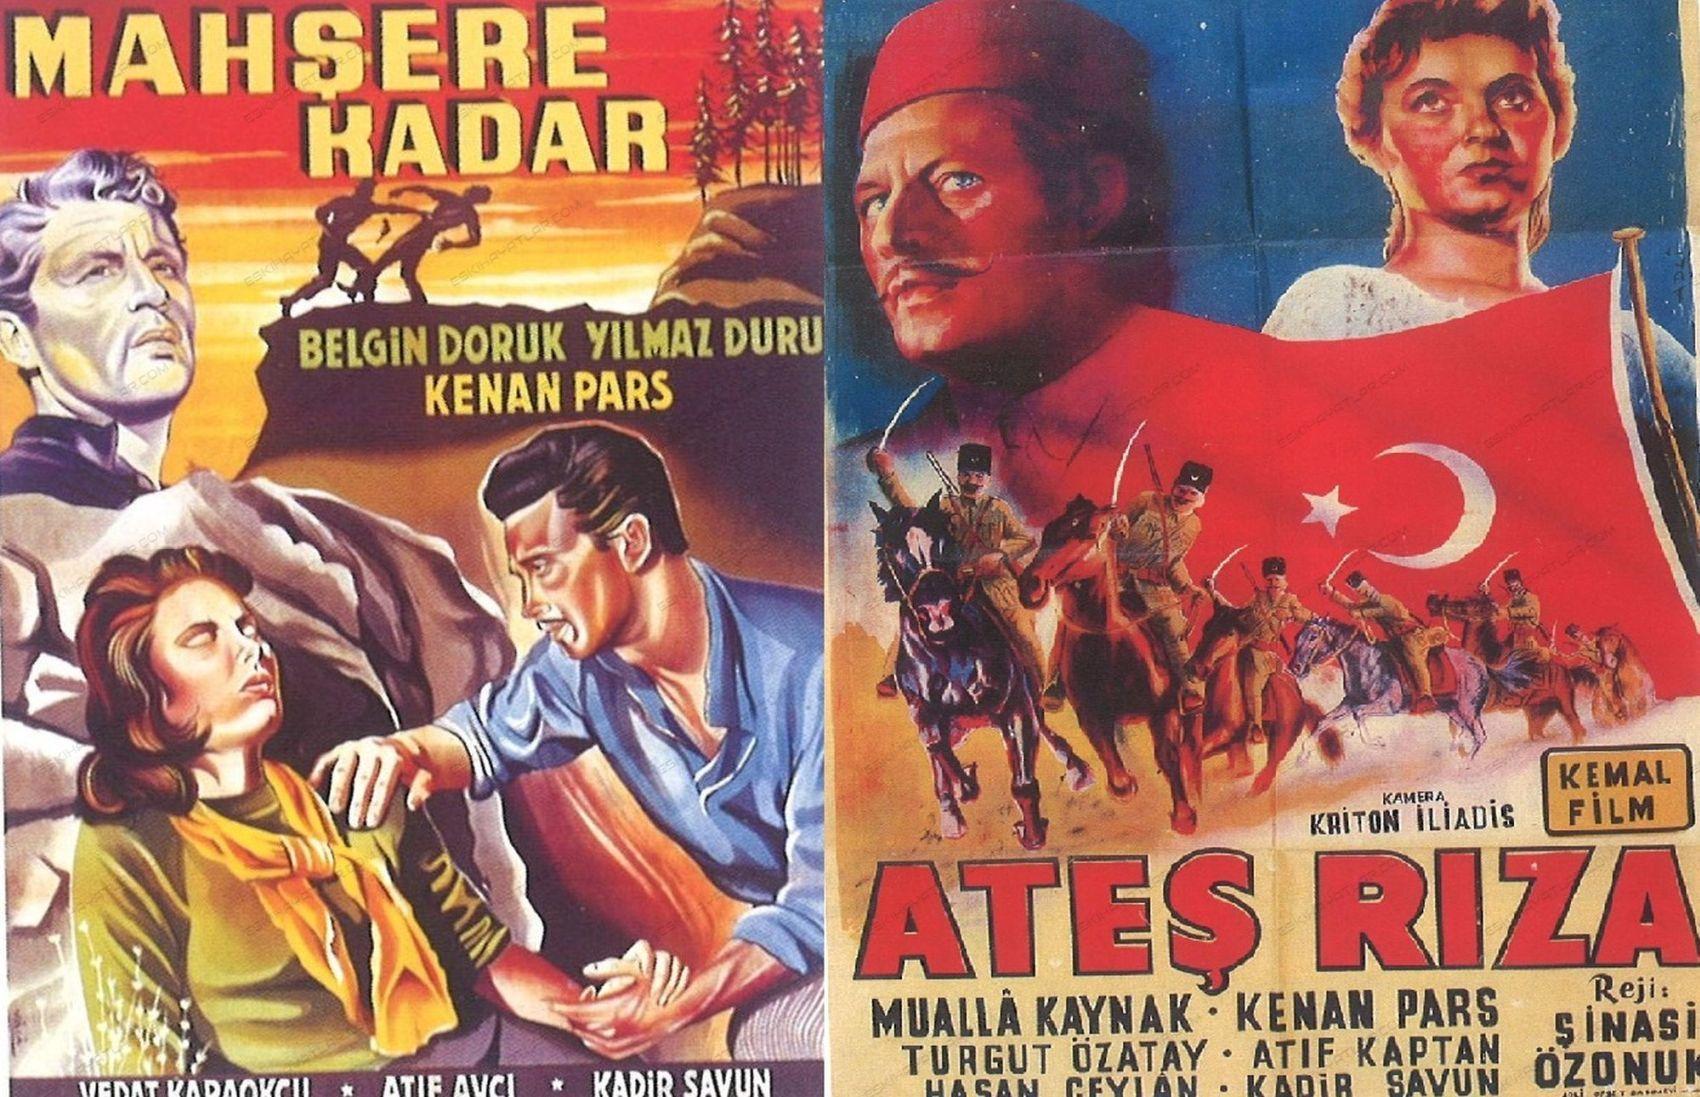 0171-kenan-pars-kimdir-kirkor-cezveciyan-film-afisleri-1957-1958-mahsere-kadar-ates-riza